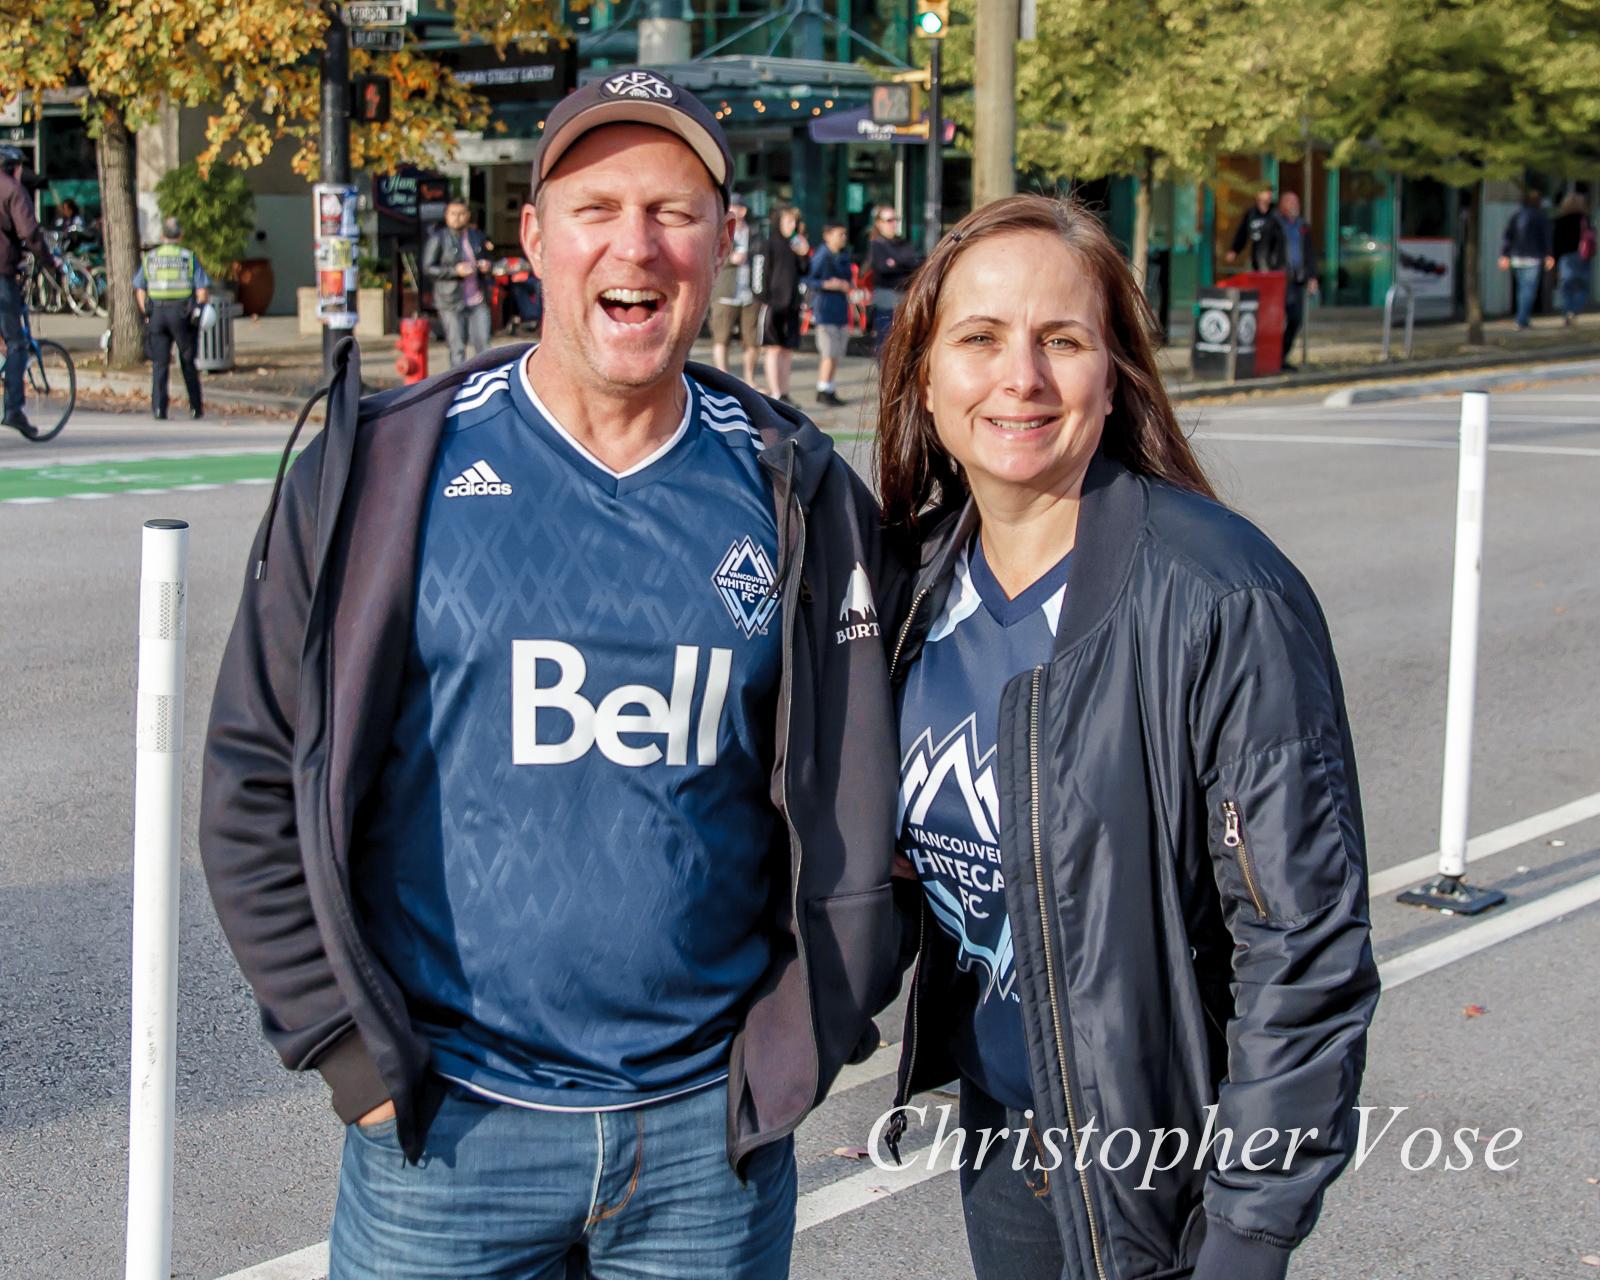 2017-10-29 Randy and Lisa Dubbert.jpg